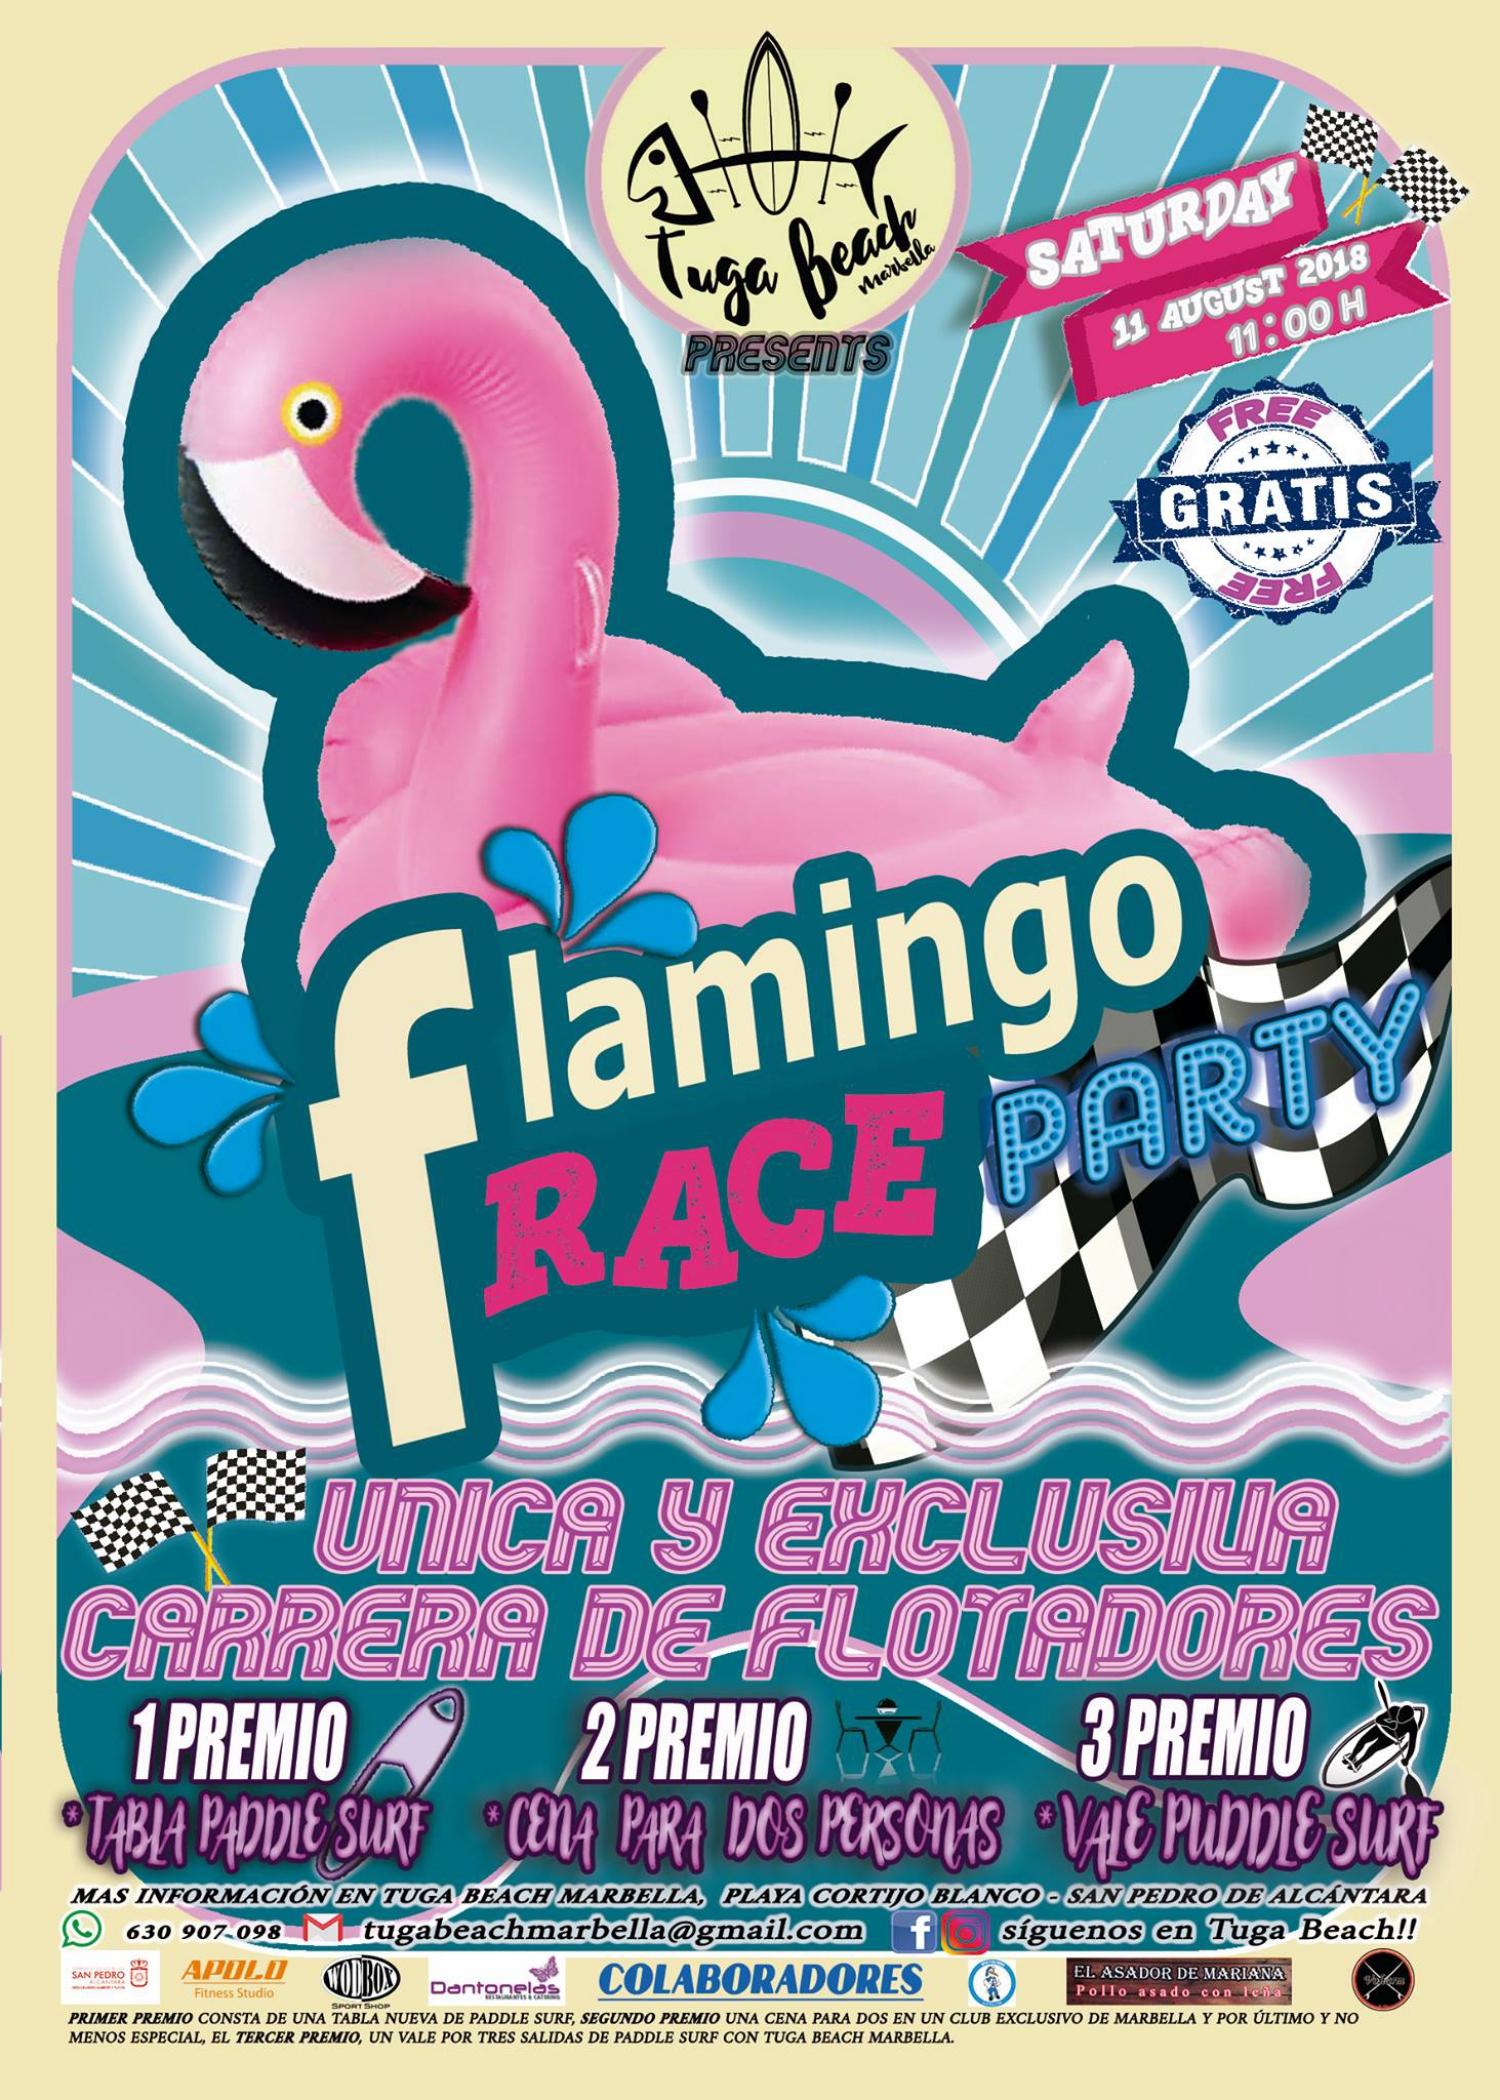 Flamingo Race Party